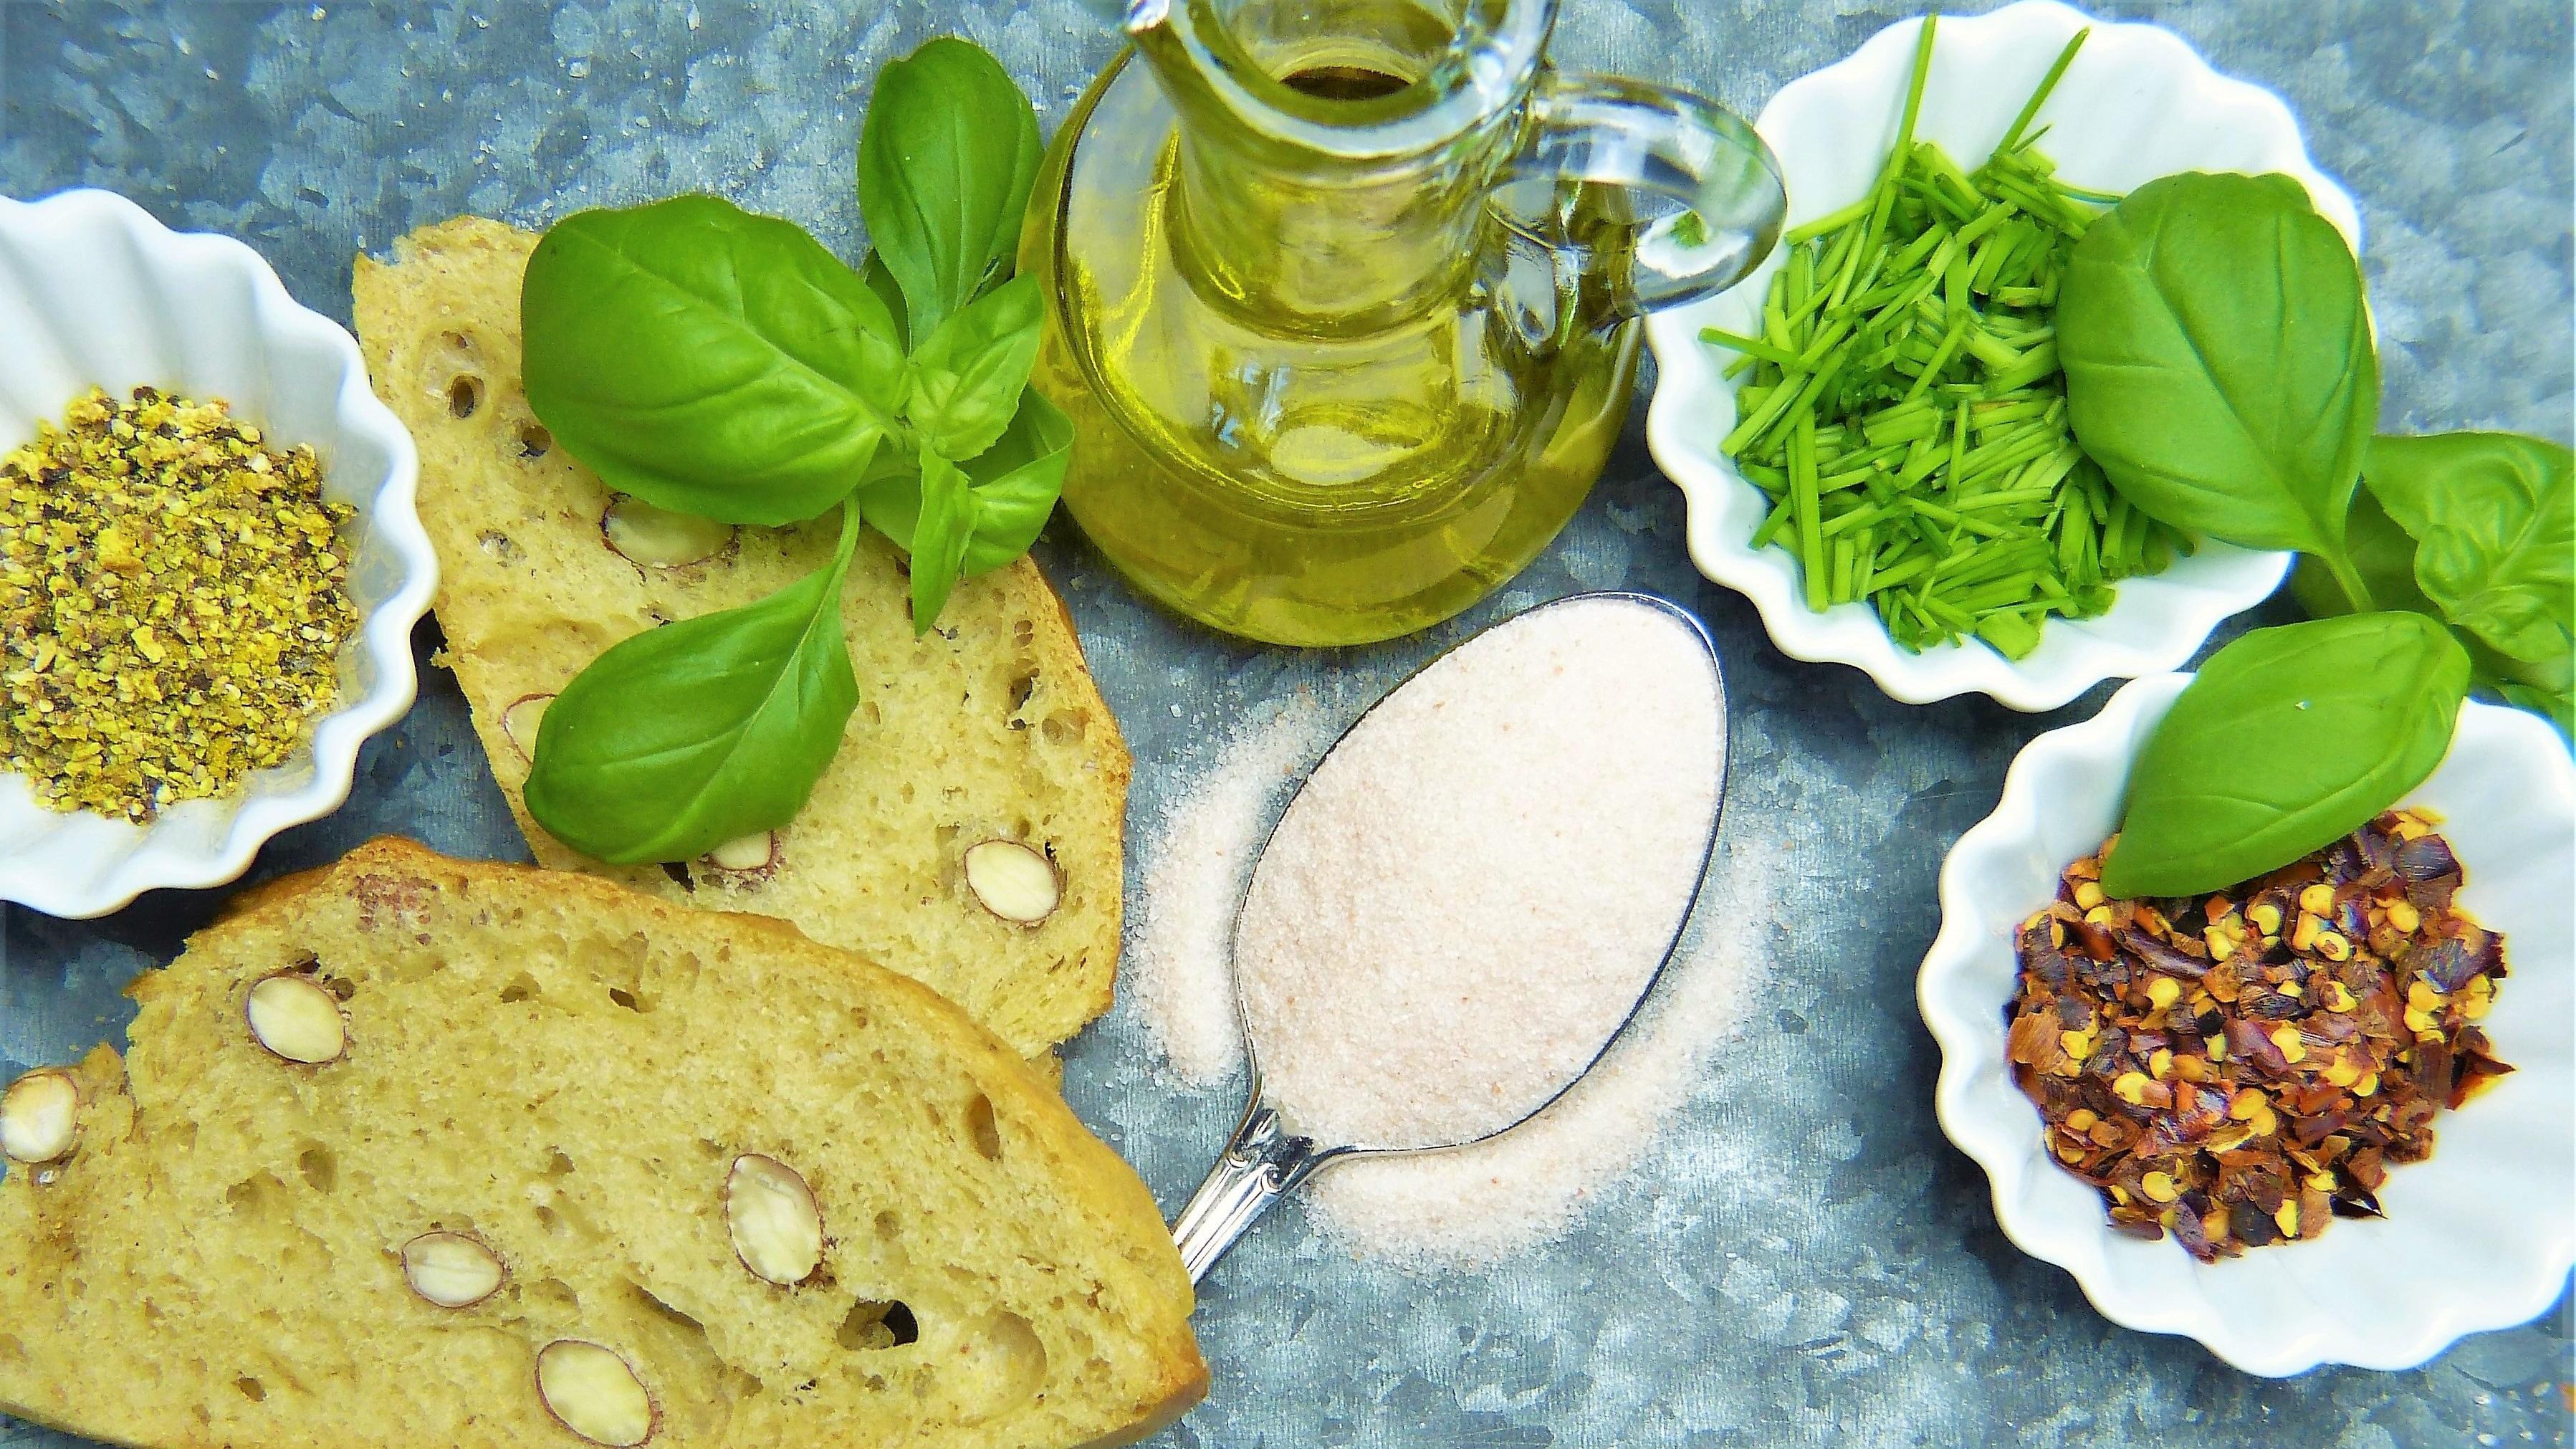 Positiver Einfluss auf den Blutdruck: Salz reduzieren, stattdessen Gewürze verwenden.